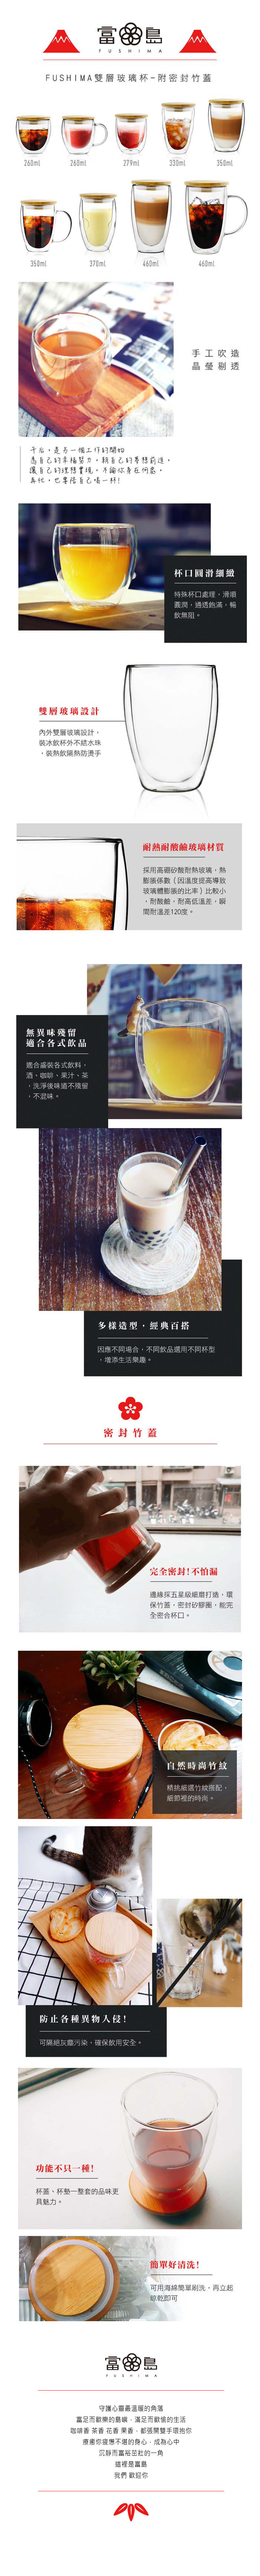 FUSHIMA 富島 經典系列雙層耐熱玻璃杯260ML-把手(附專屬竹蓋)